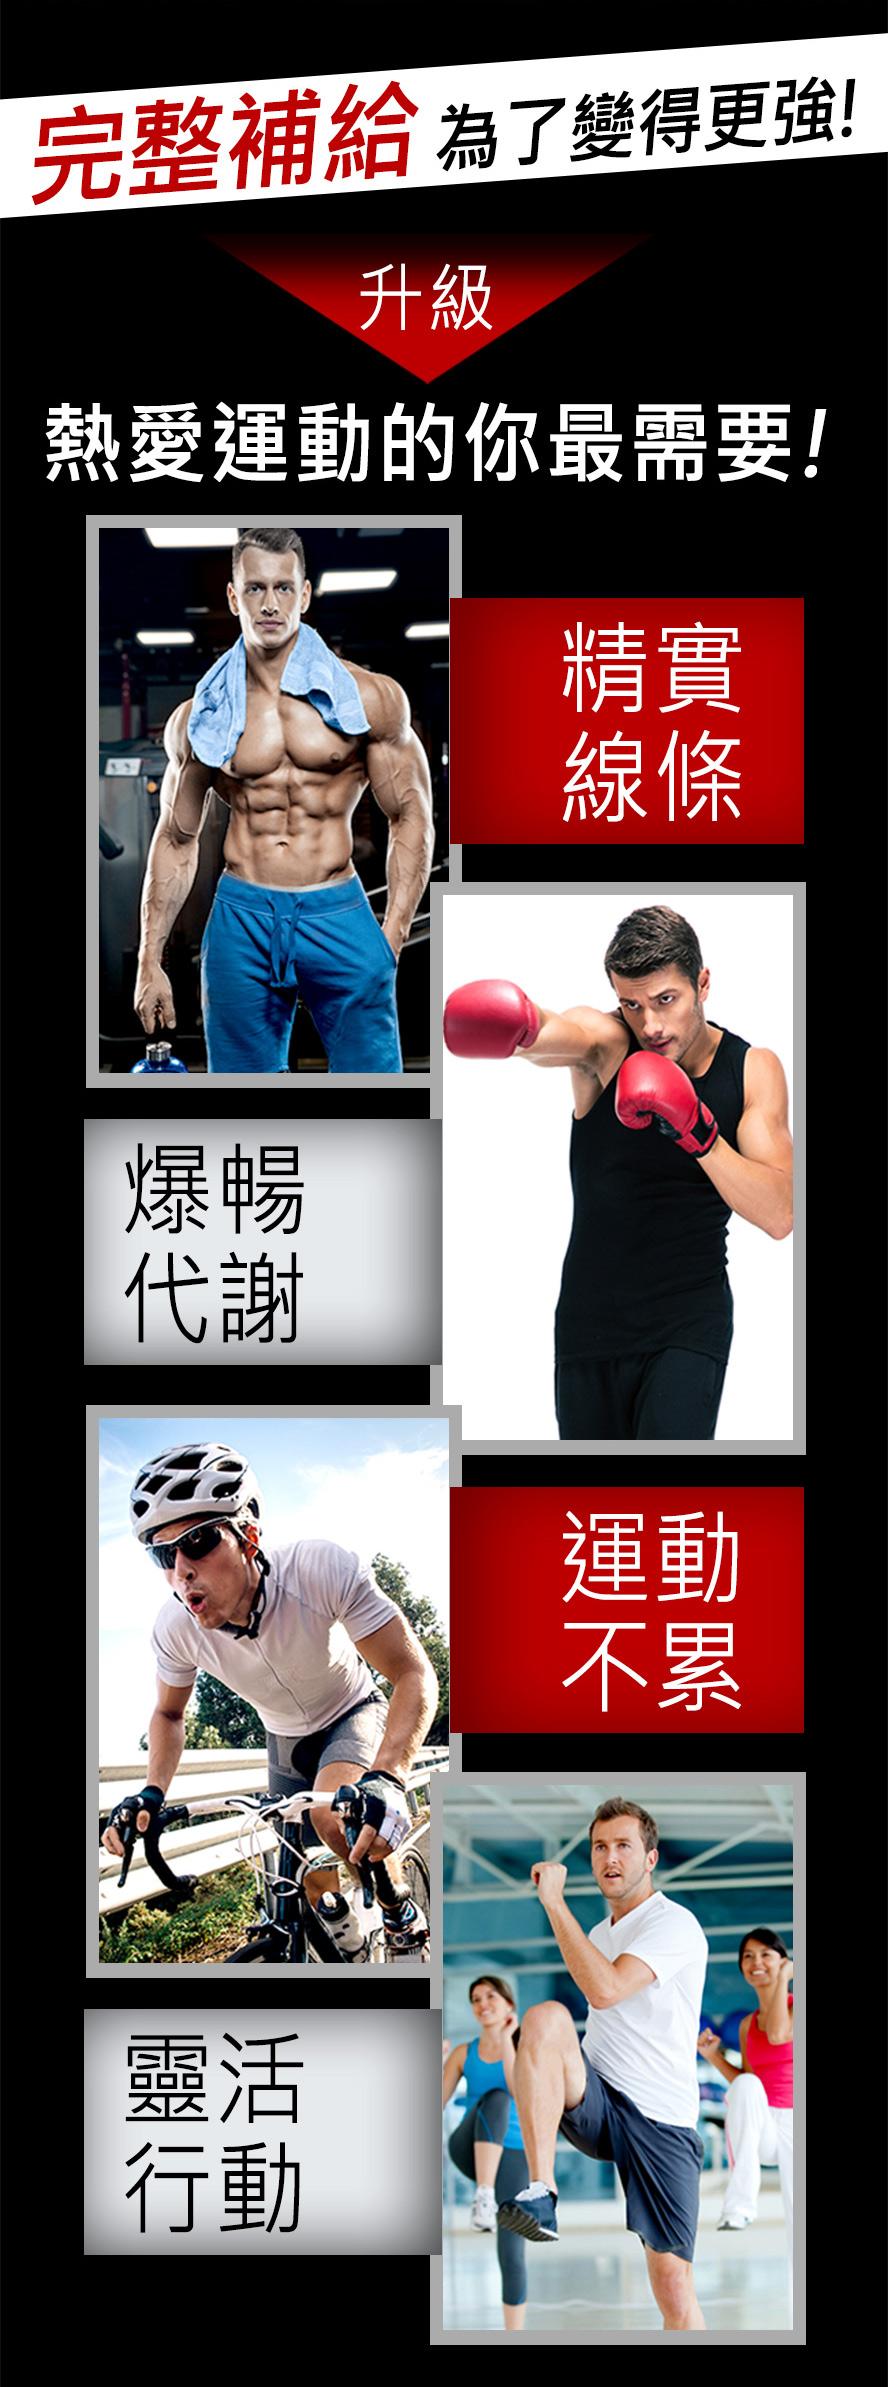 推薦給喜歡打球,上健身房或愛好有氧運動及跑步者,UNIQMAN運動組能有效提升運動表現